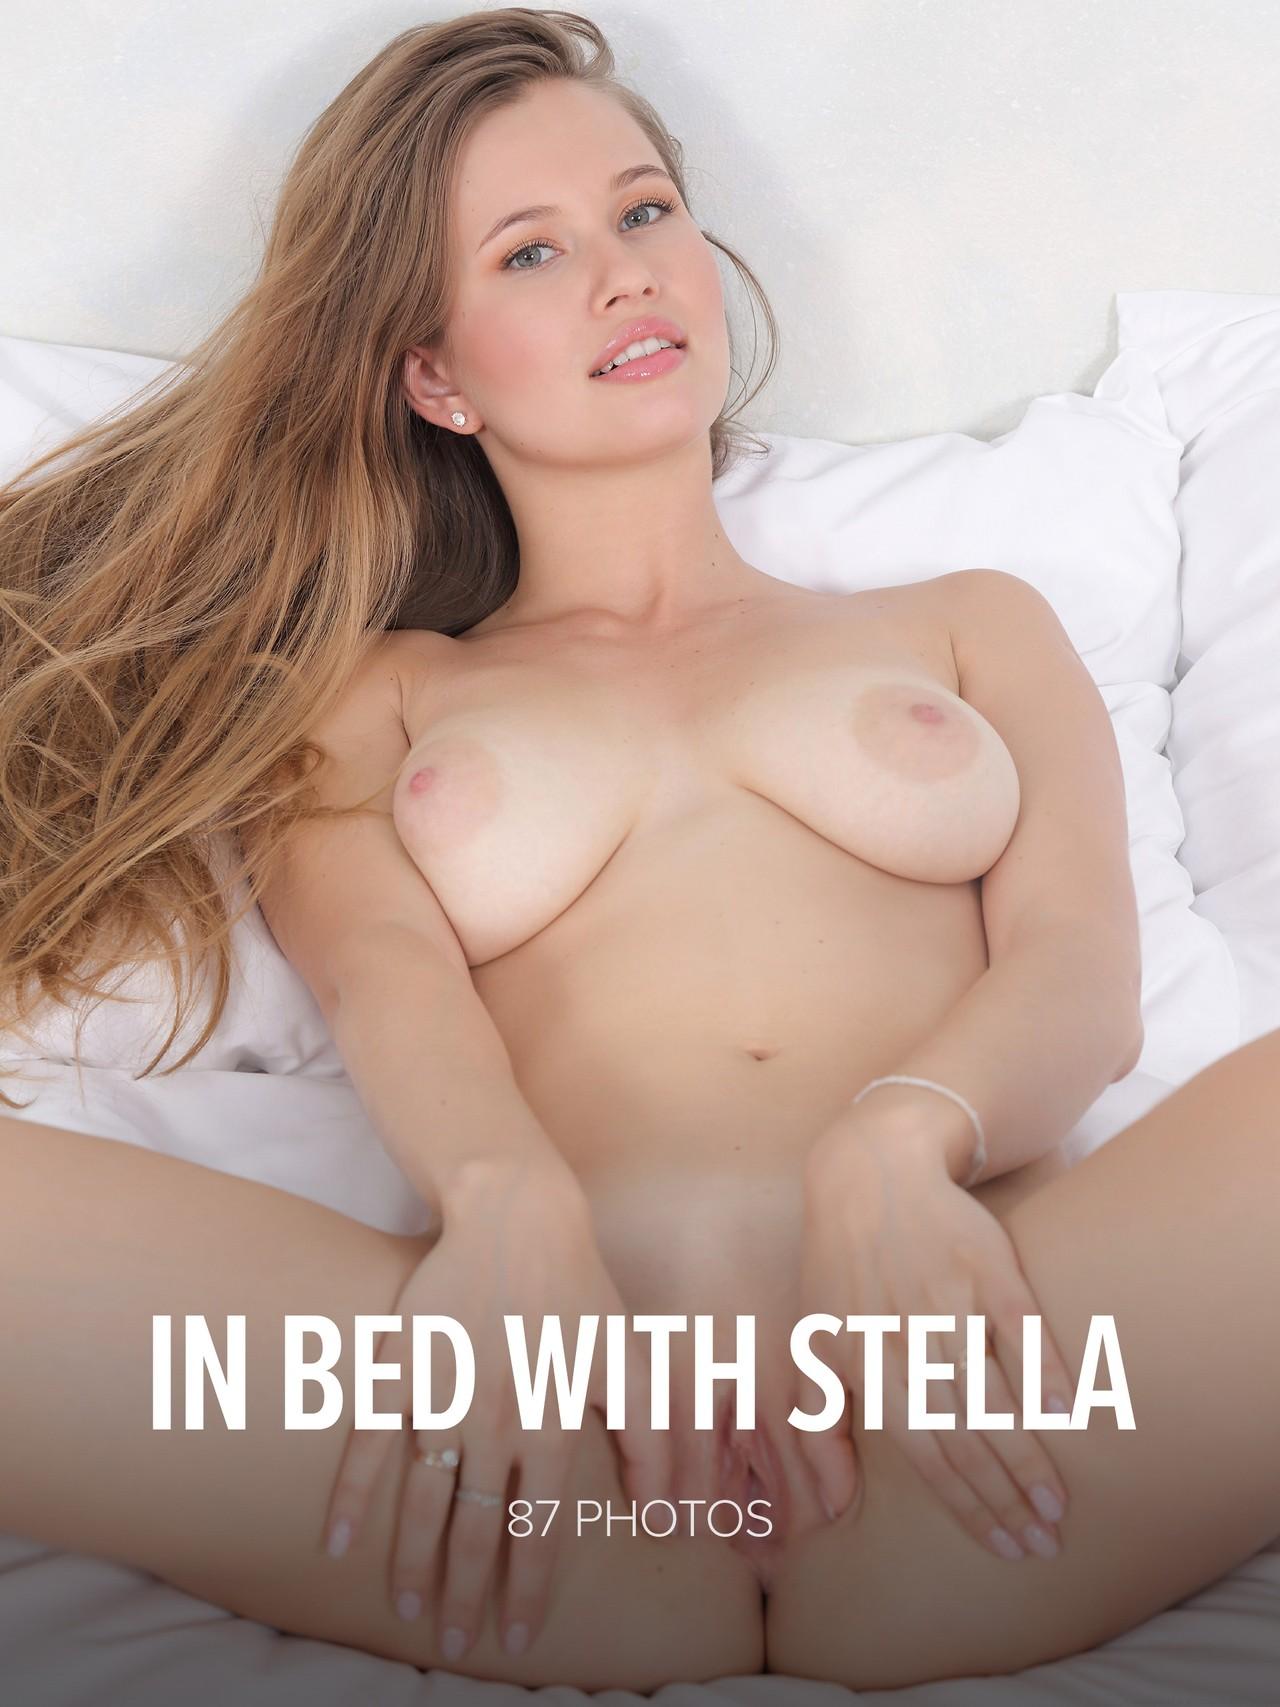 Stella Gardo: In Bed With Stella